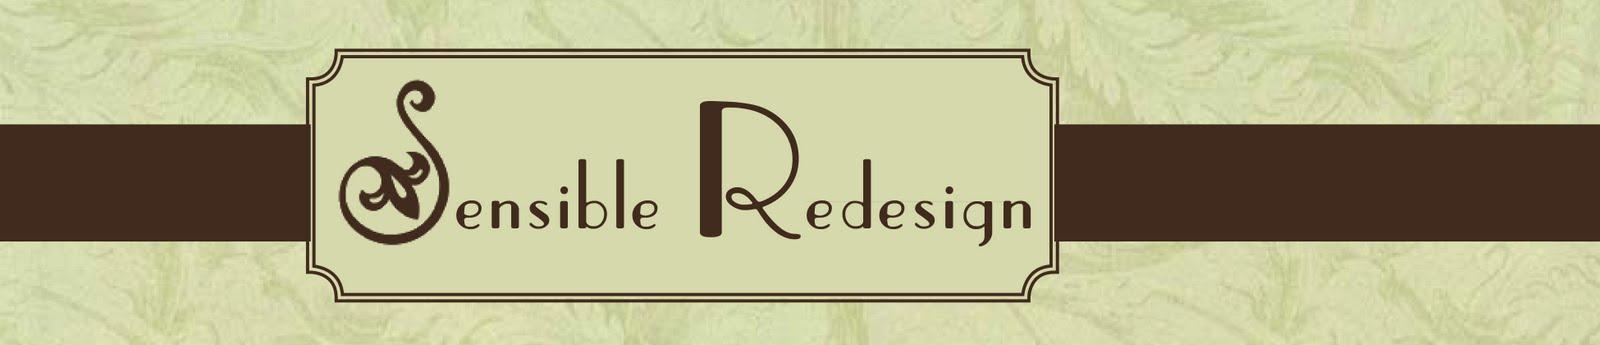 Sensible-Redesign